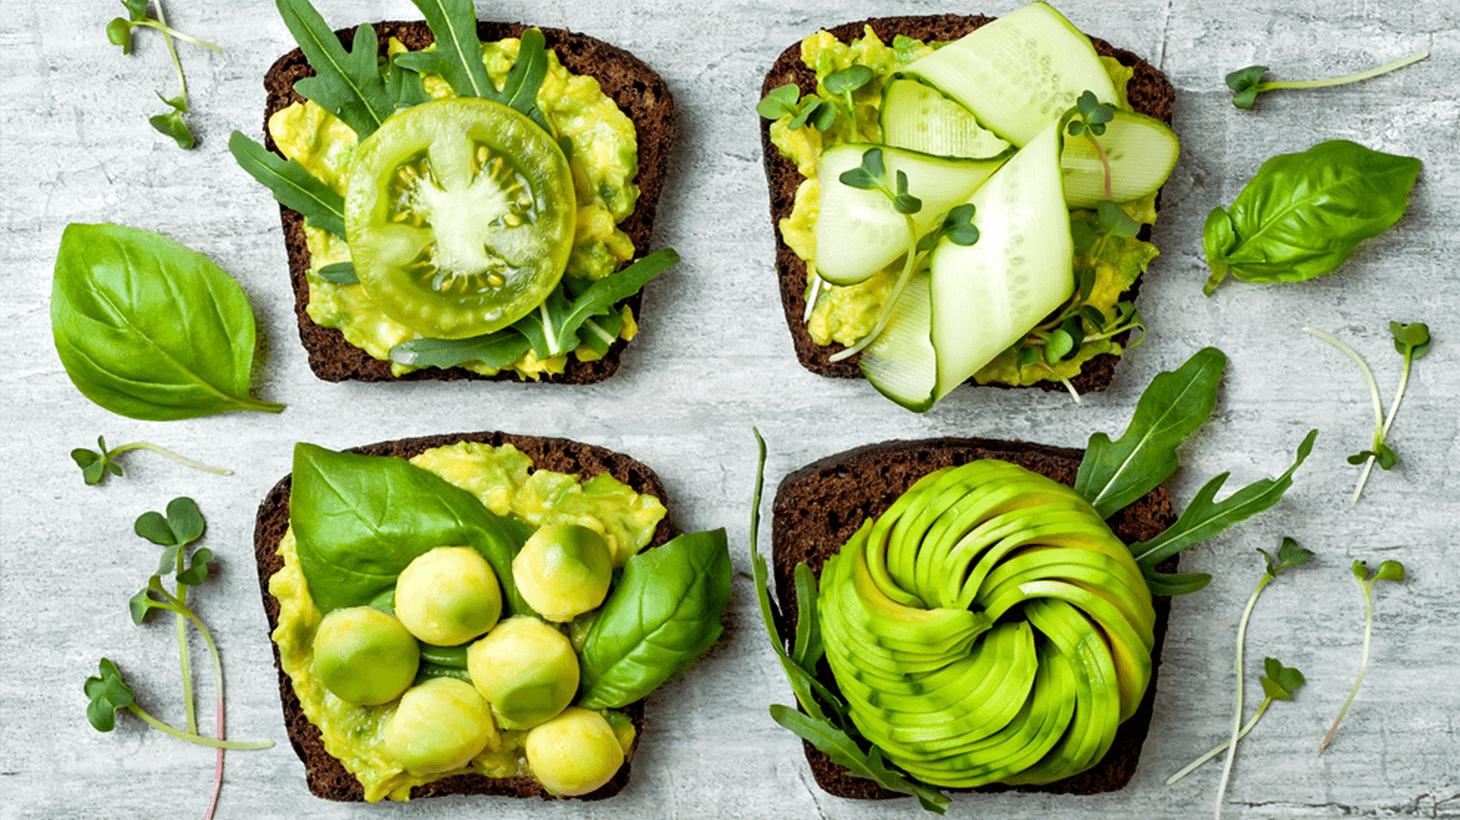 Food Art selber machen - so einfach geht das Anrichten und Dekorieren von Speisen!